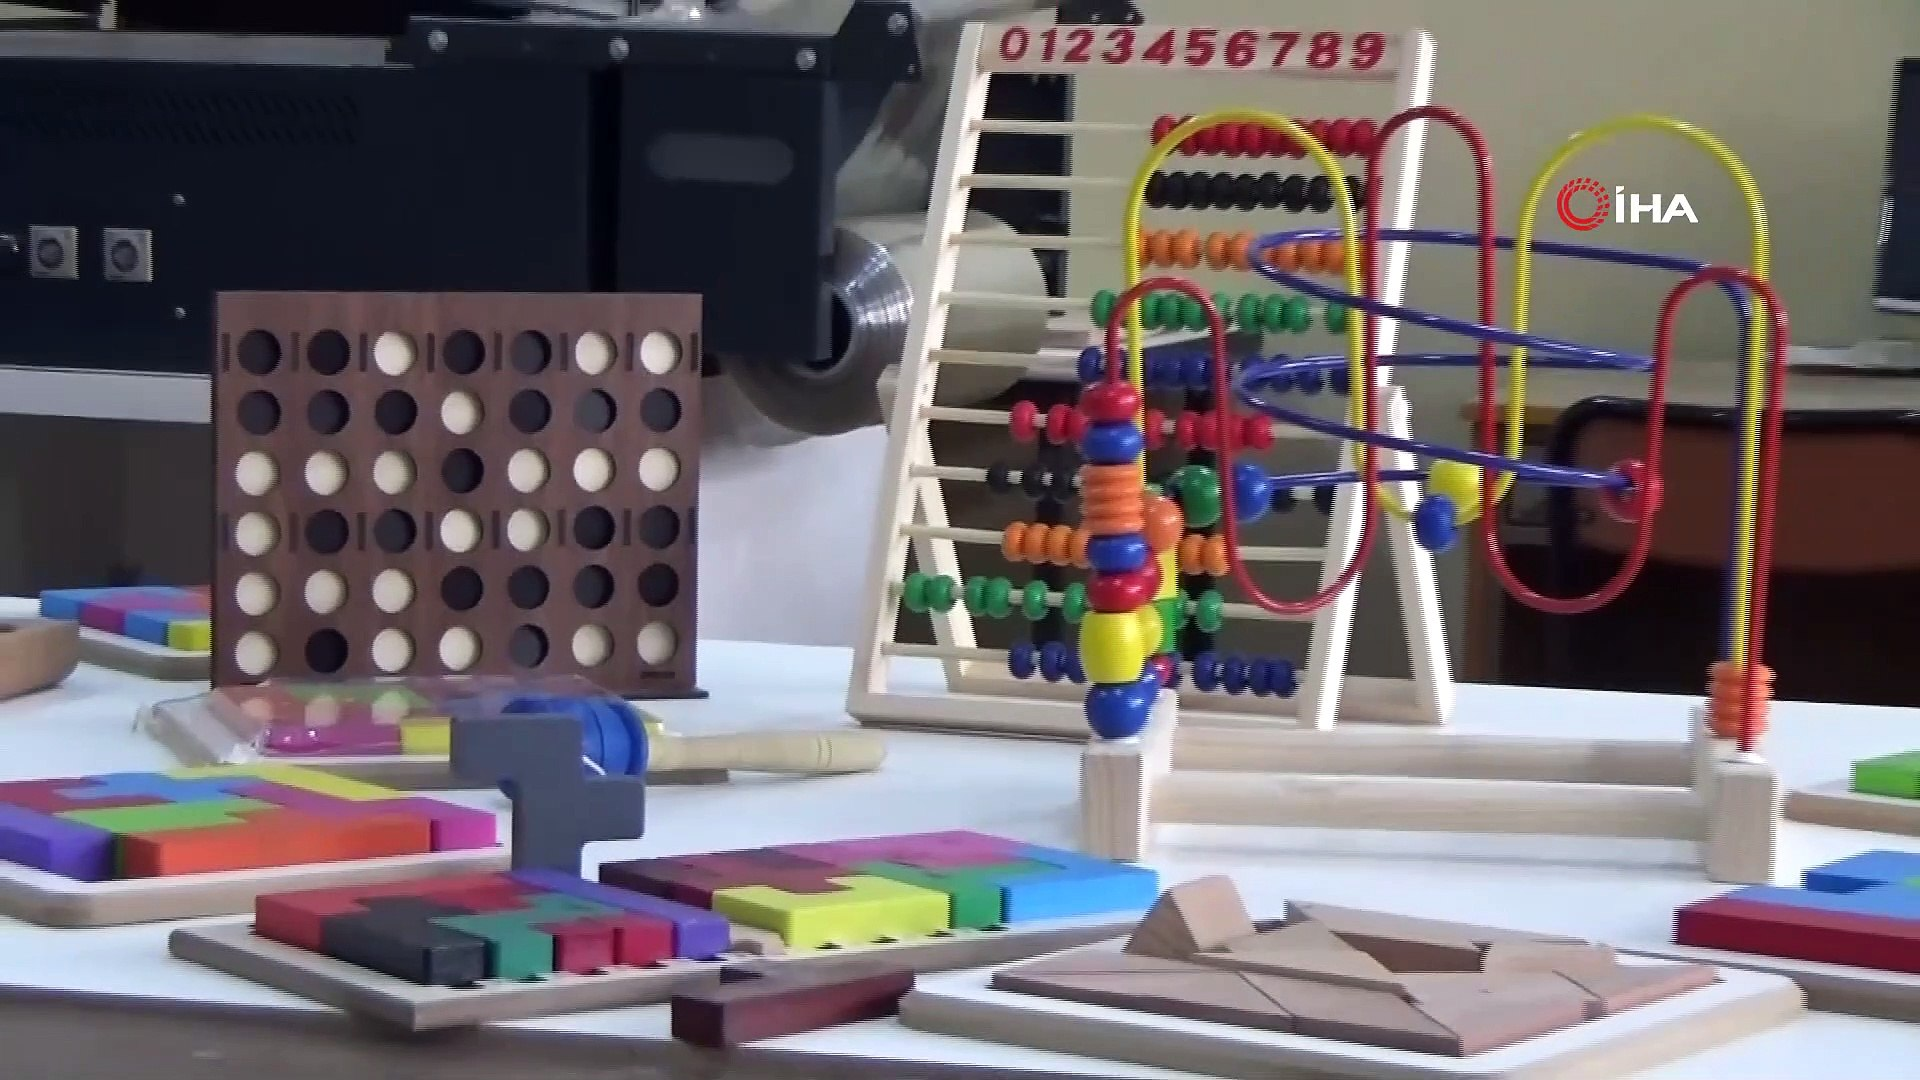 Bu okul fabrika gibi çalışıyor...Okulda ahşap oyuncak imal ediyorlar